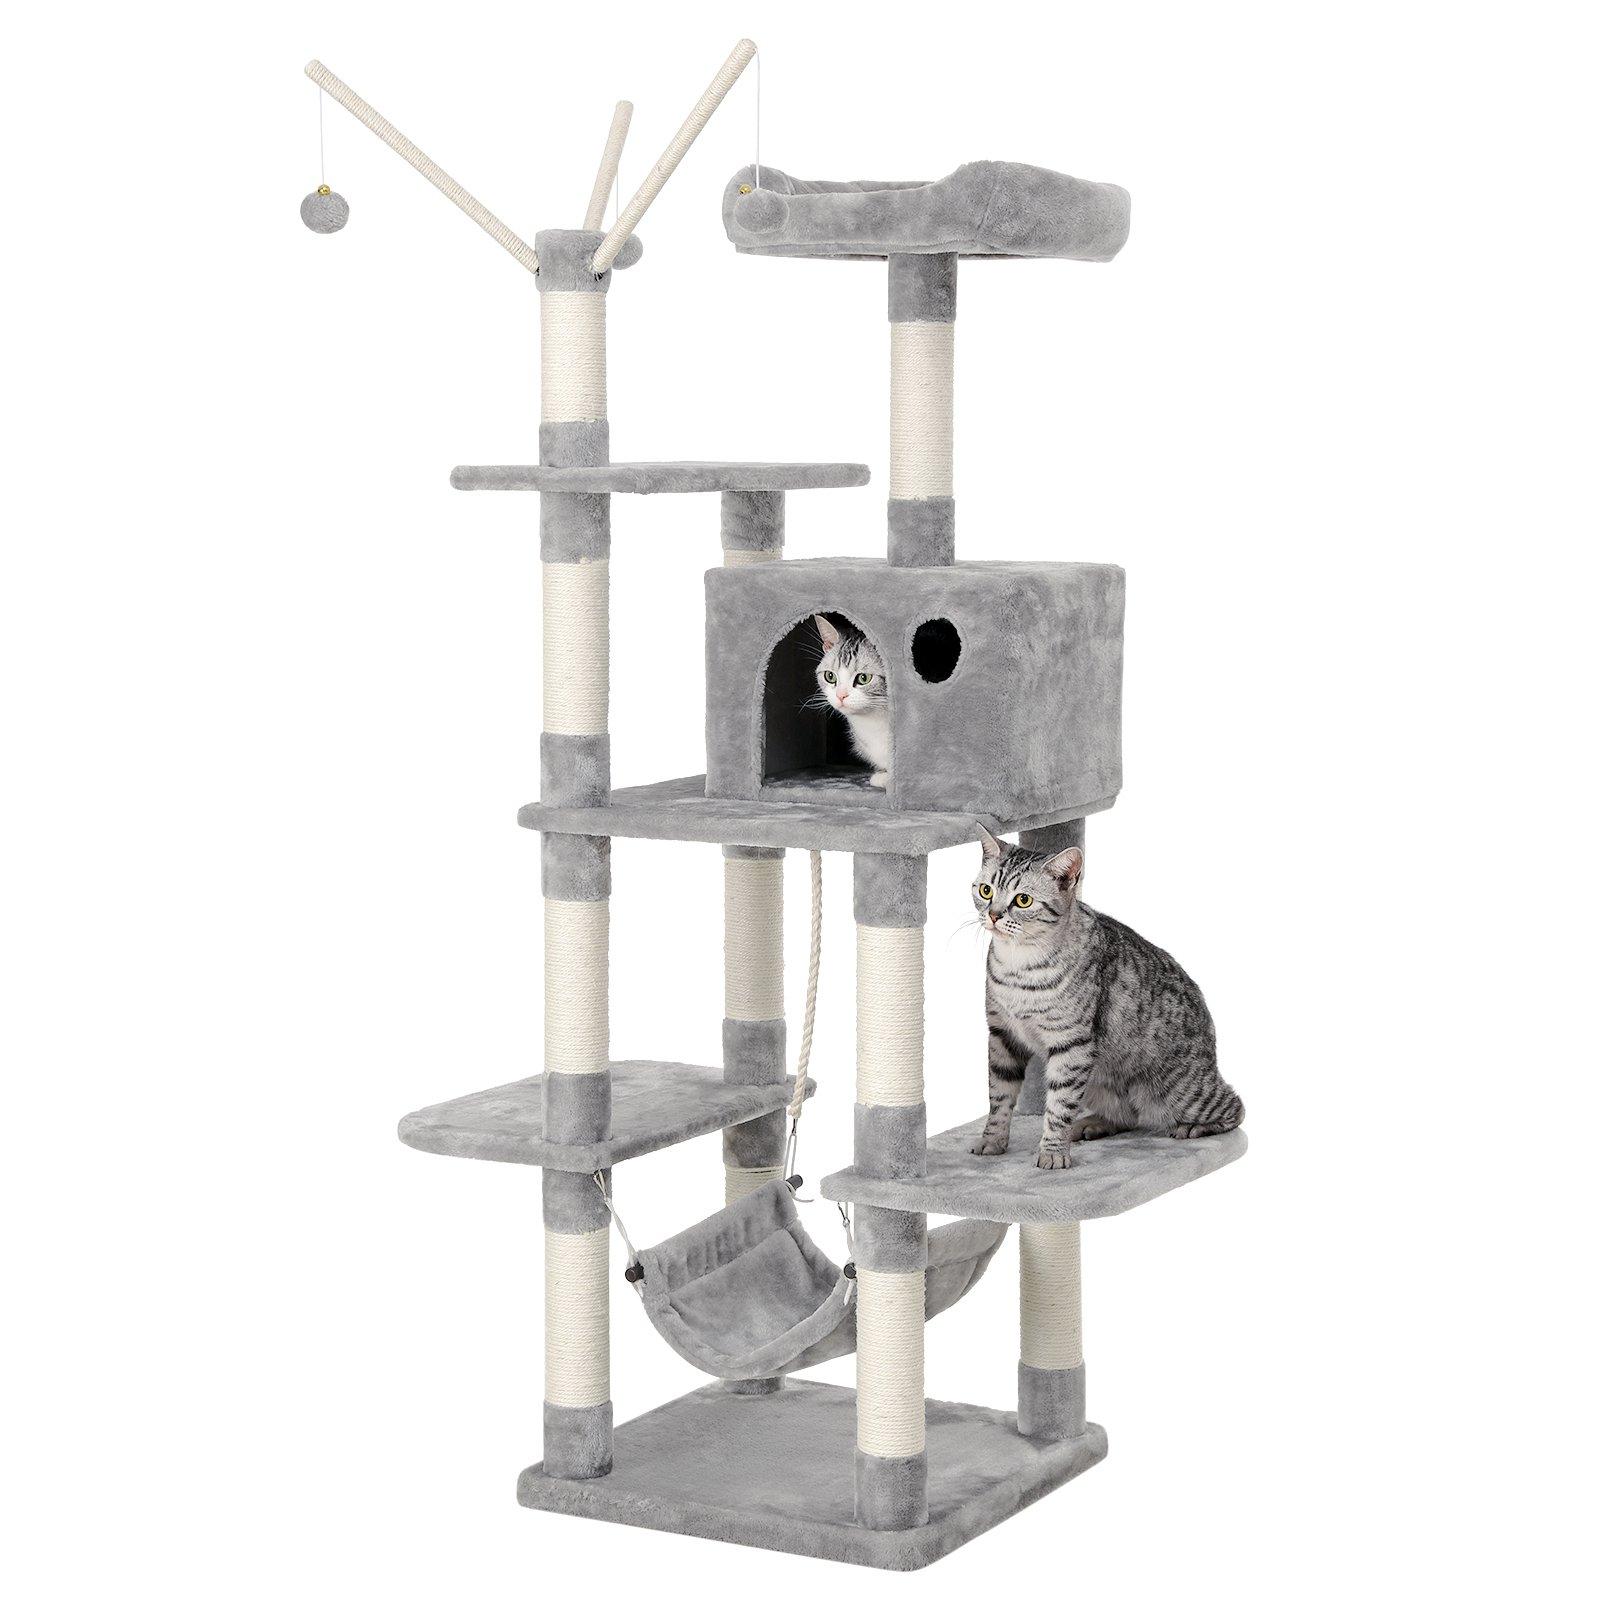 SONGMICS Árbol para Gatos Rascador con nidos Hamaca Plataformas Bolas de Juego 154 cm Colores Opcionales Gris Claro PCT86W